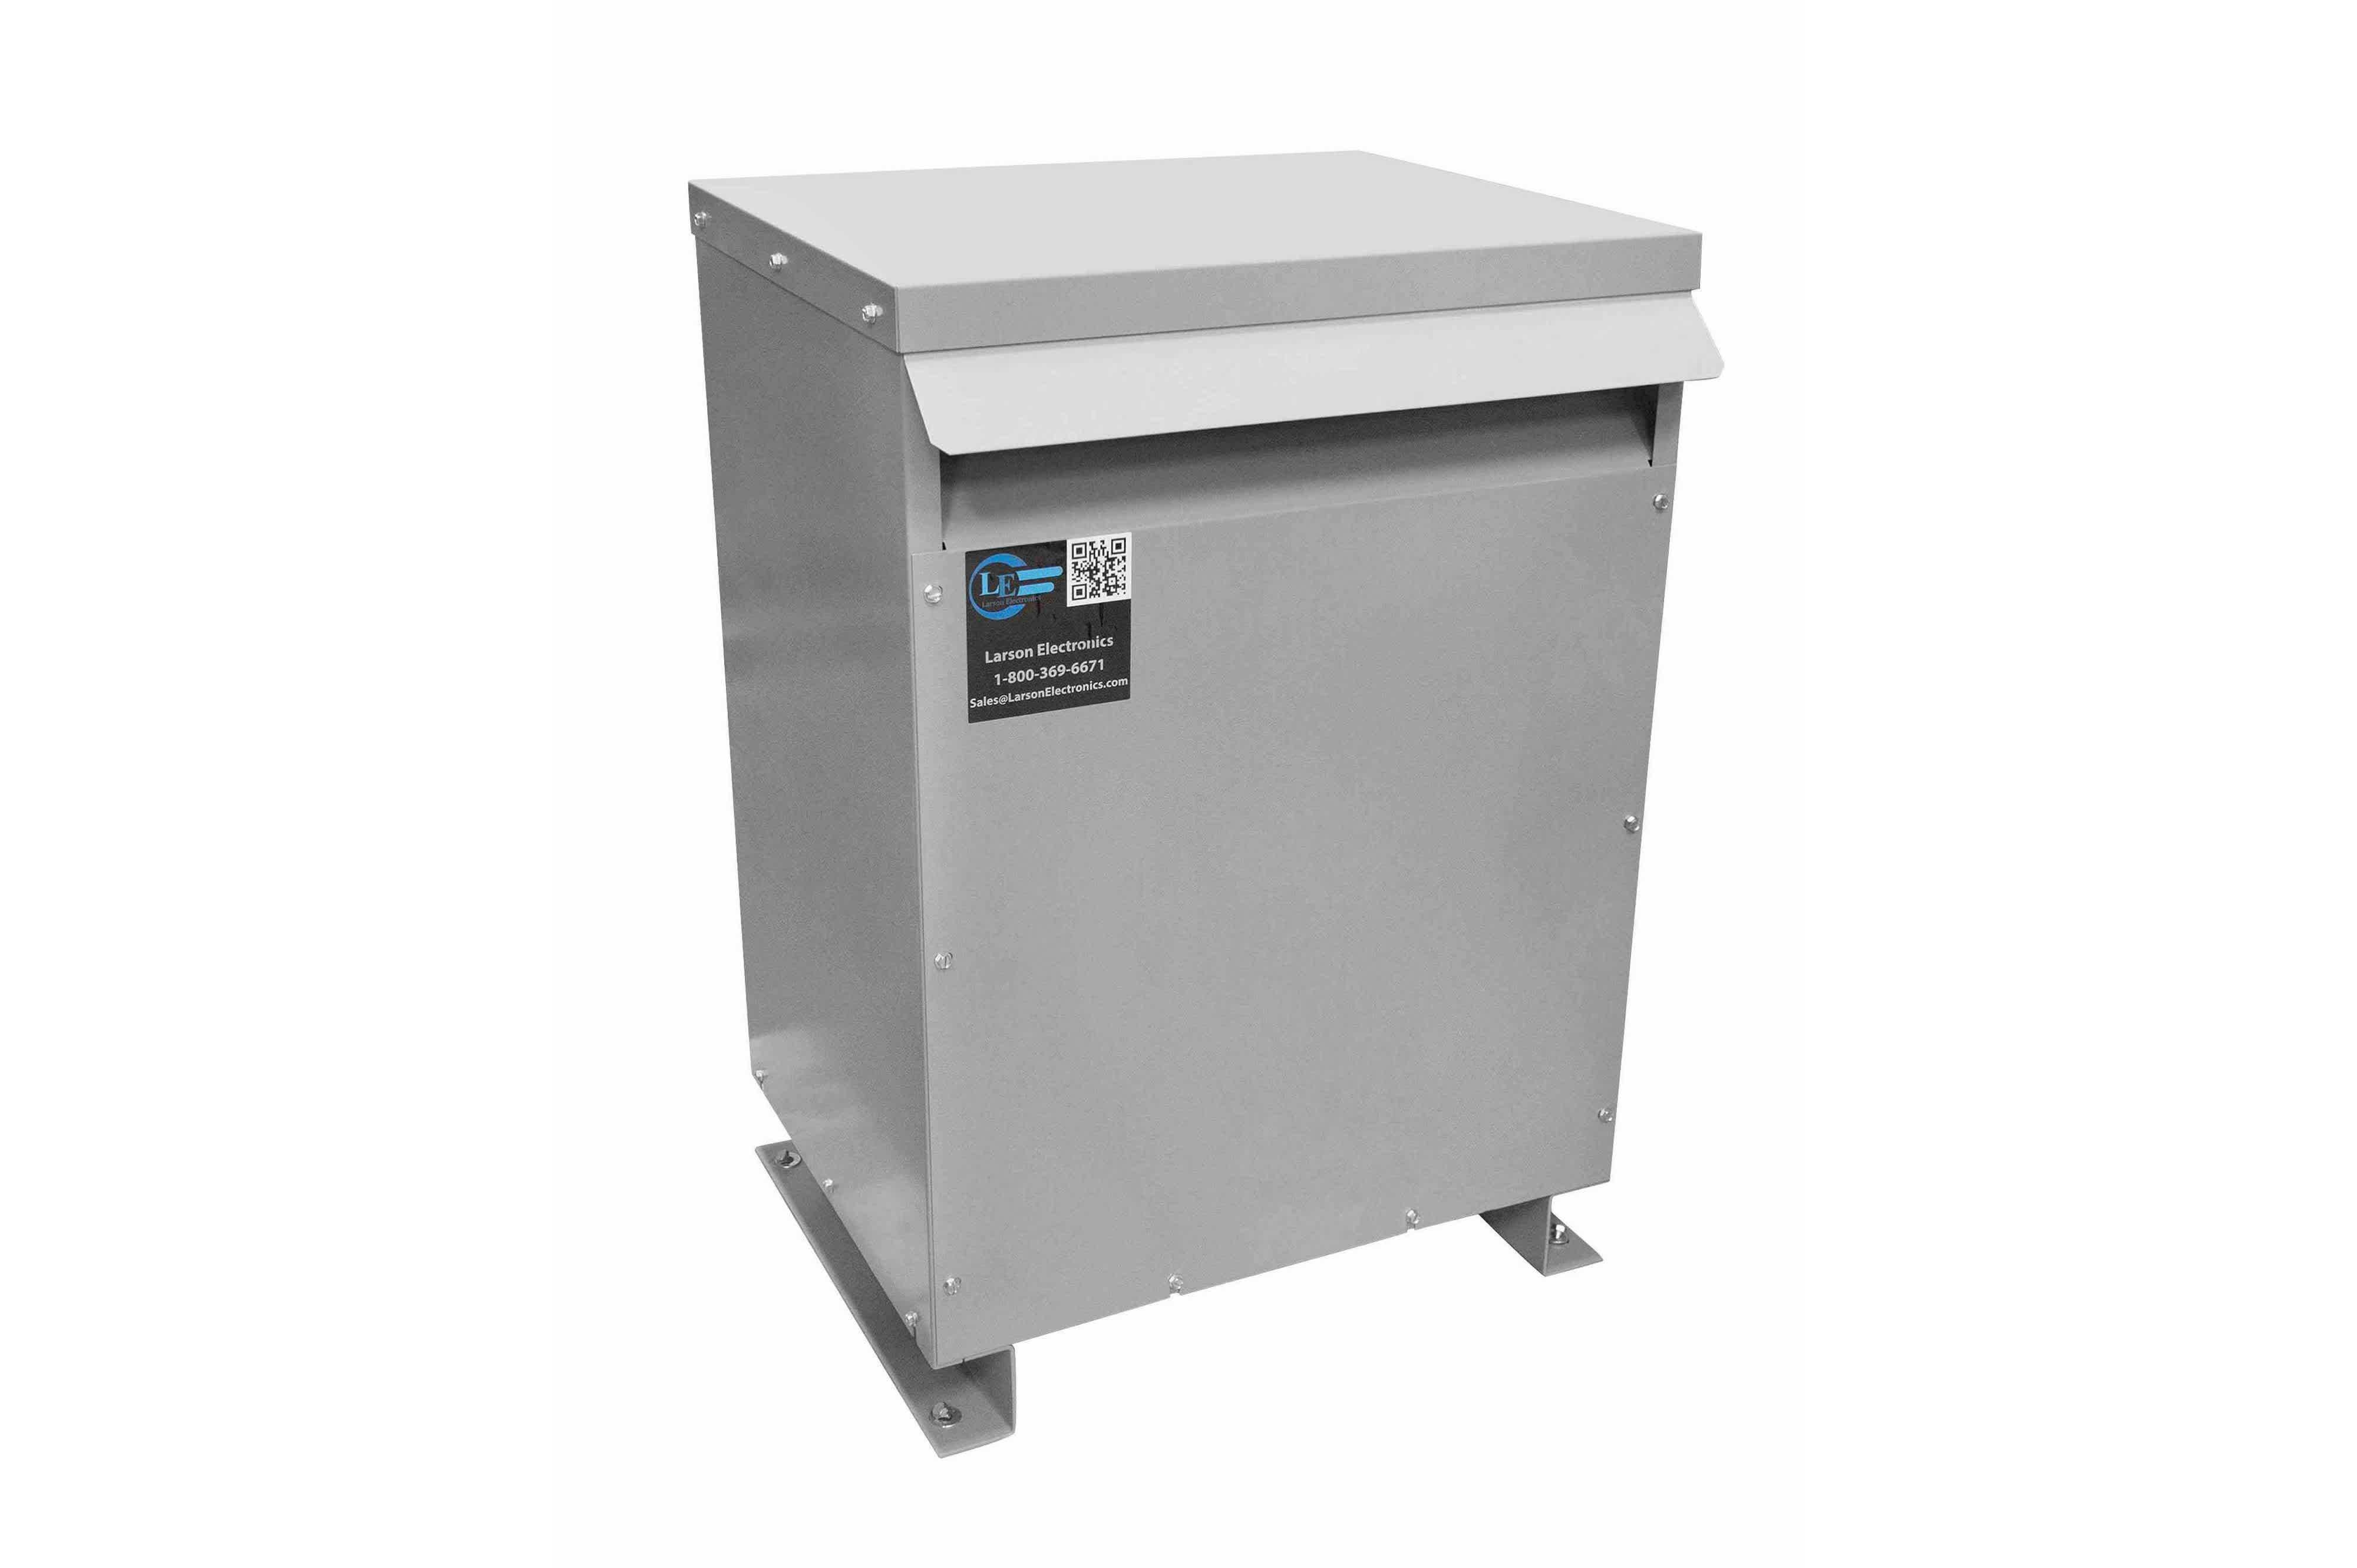 75 kVA 3PH Isolation Transformer, 460V Delta Primary, 240 Delta Secondary, N3R, Ventilated, 60 Hz